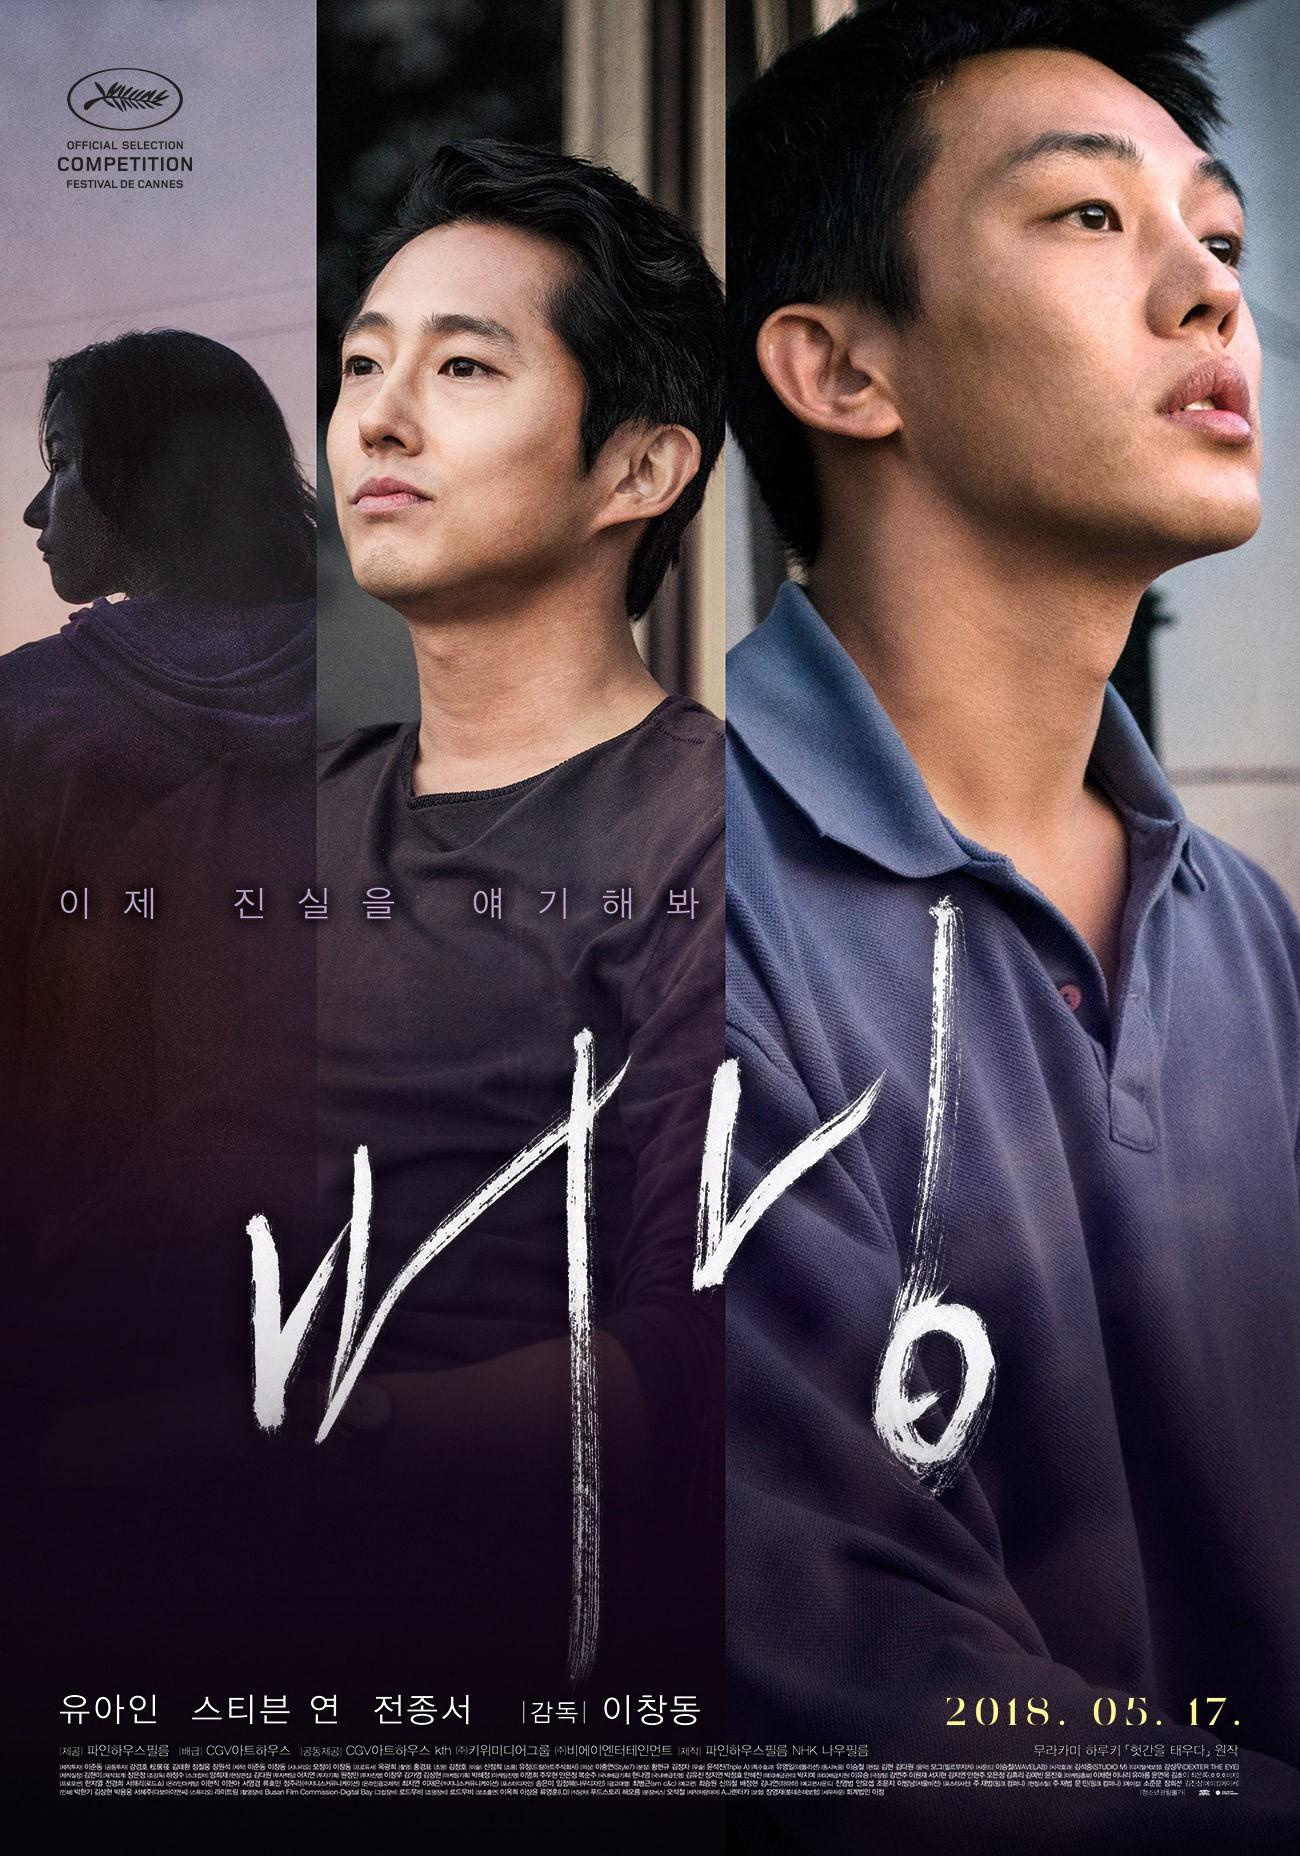 Tuyệt tác Hàn Quốc Burning: Tuổi trẻ hoang hoải và phi lý giữa xã hội hiện đại - Ảnh 1.